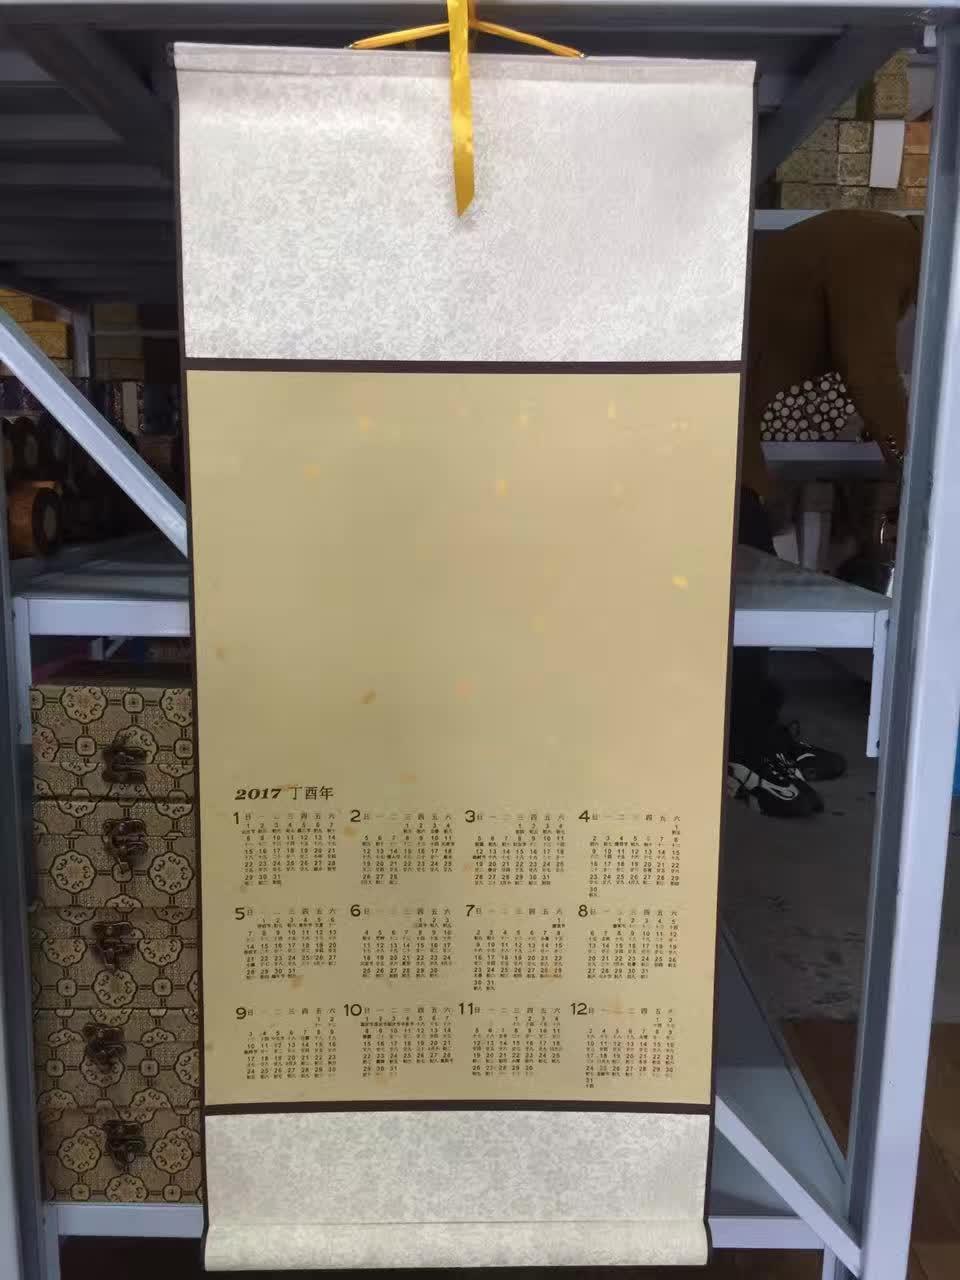 空白裱日历宣纸 2017挂历轴 空白书画卷轴 宣纸卷轴 空白装裱日历宣纸